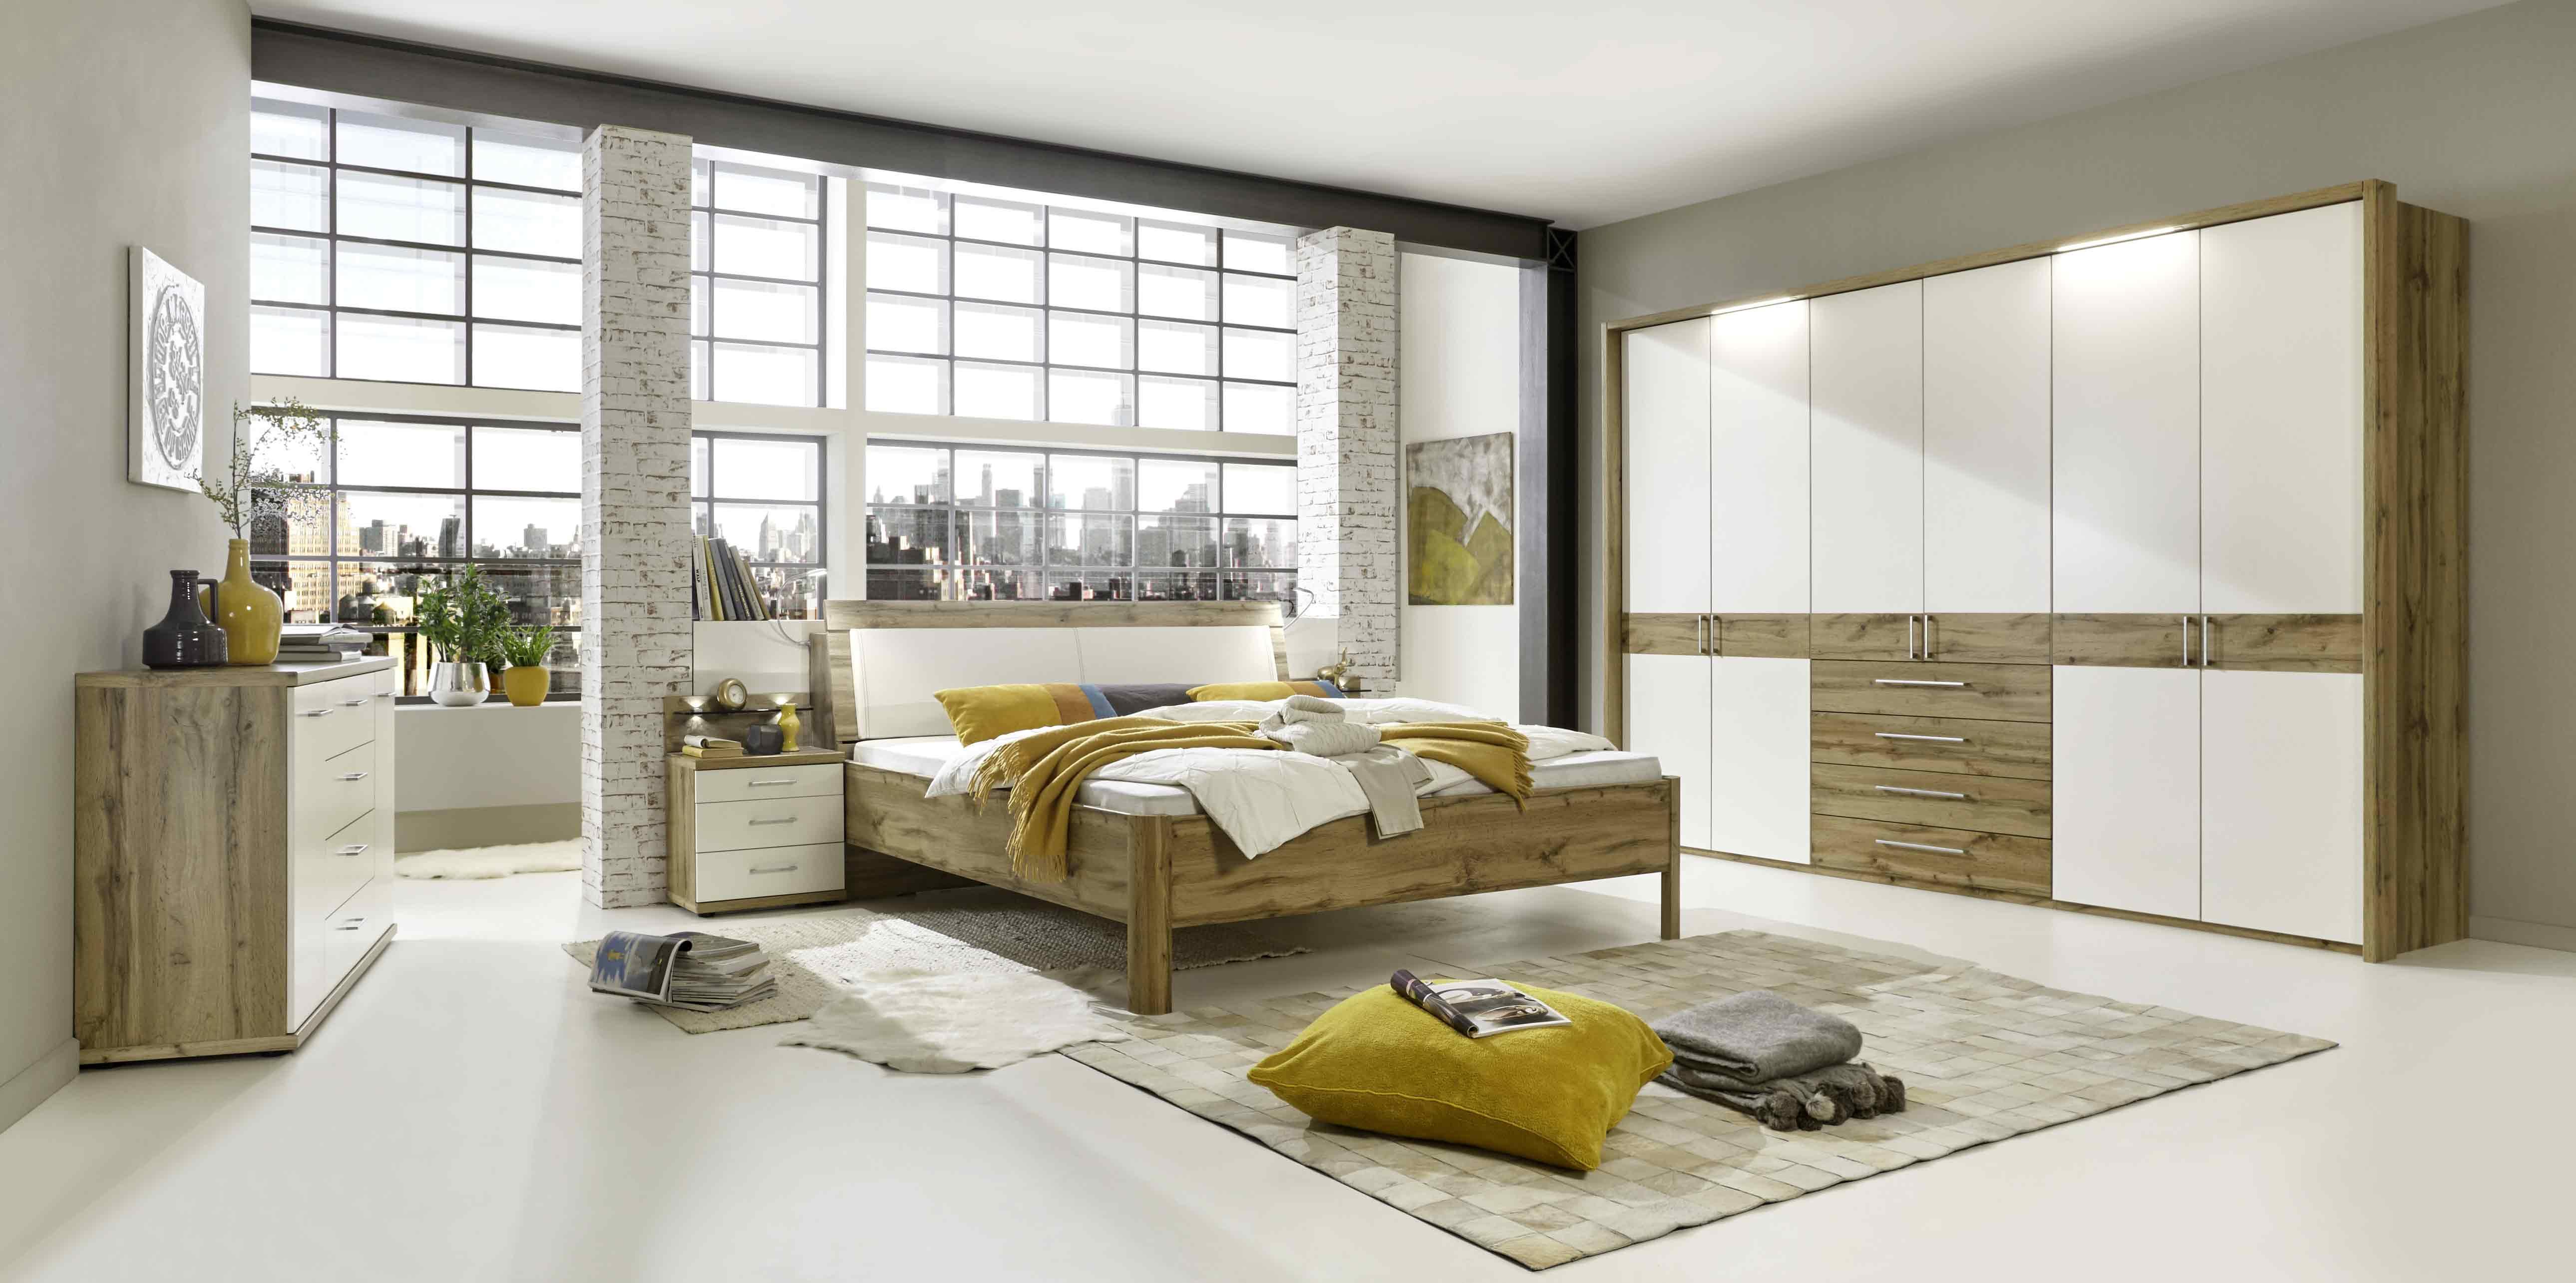 welle mobel roma bedroom furniture. Black Bedroom Furniture Sets. Home Design Ideas